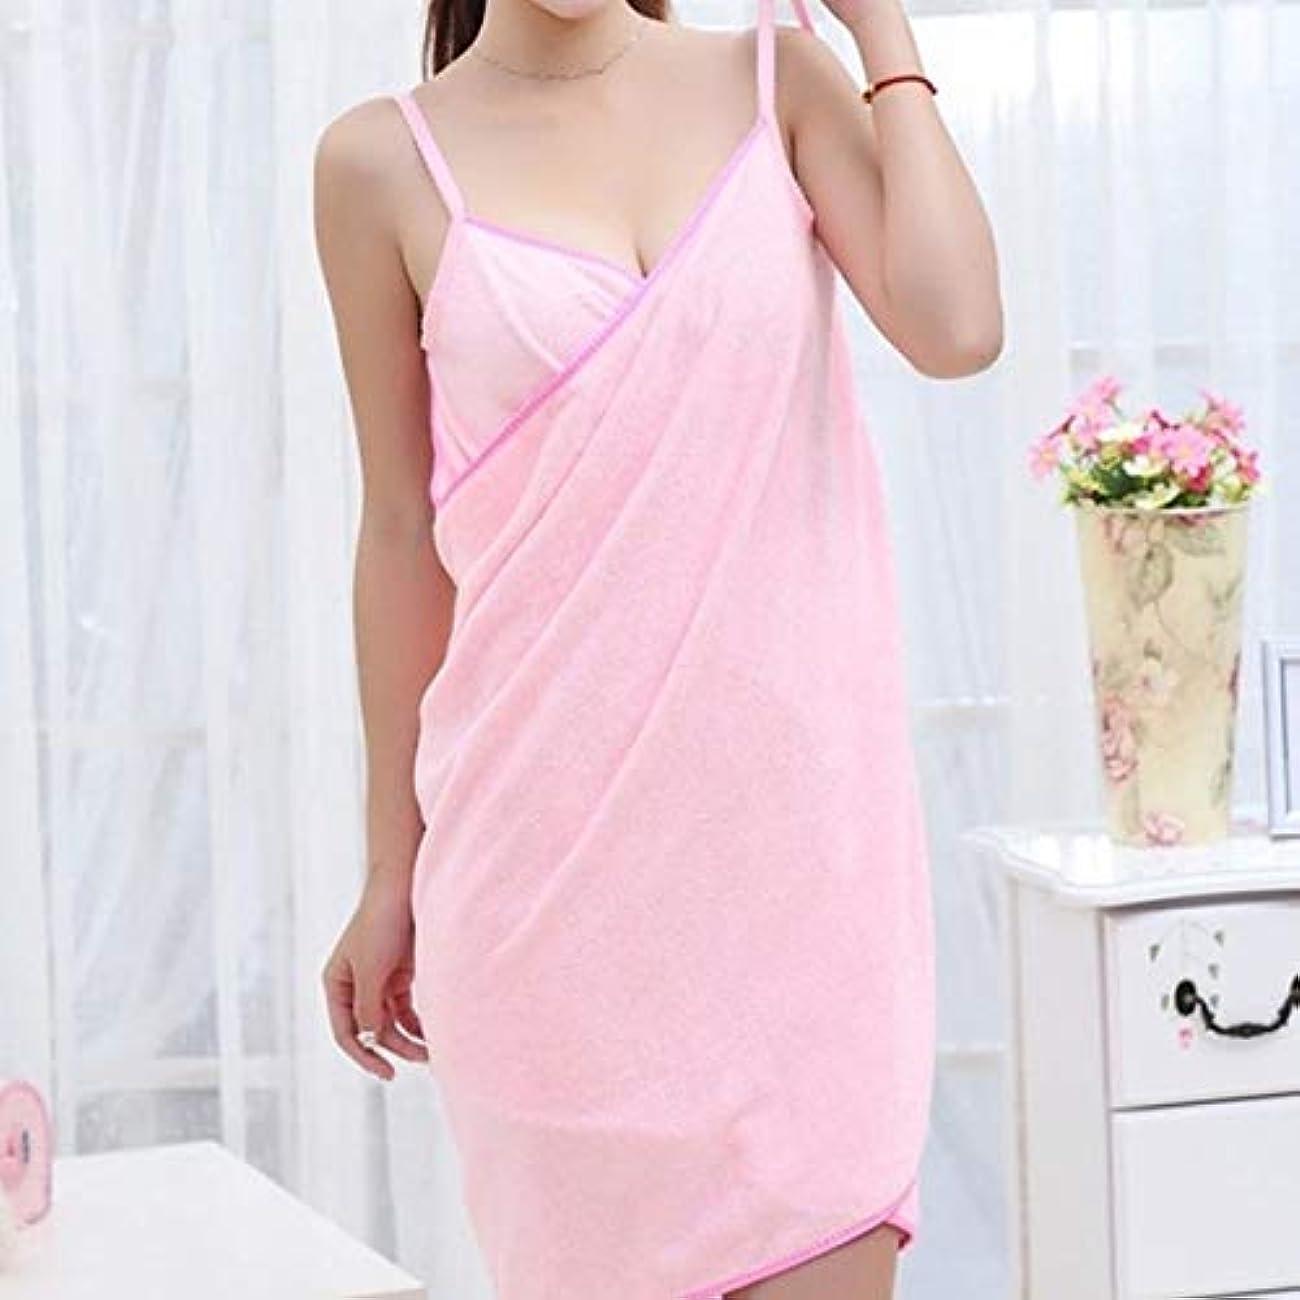 計算する夢勧めるLUOWANXIU 家庭用品 ファッションレディーガールズウェアラブル高速乾燥マジックバスタオルビーチスパバスローブバススカート (色 : ピンク)